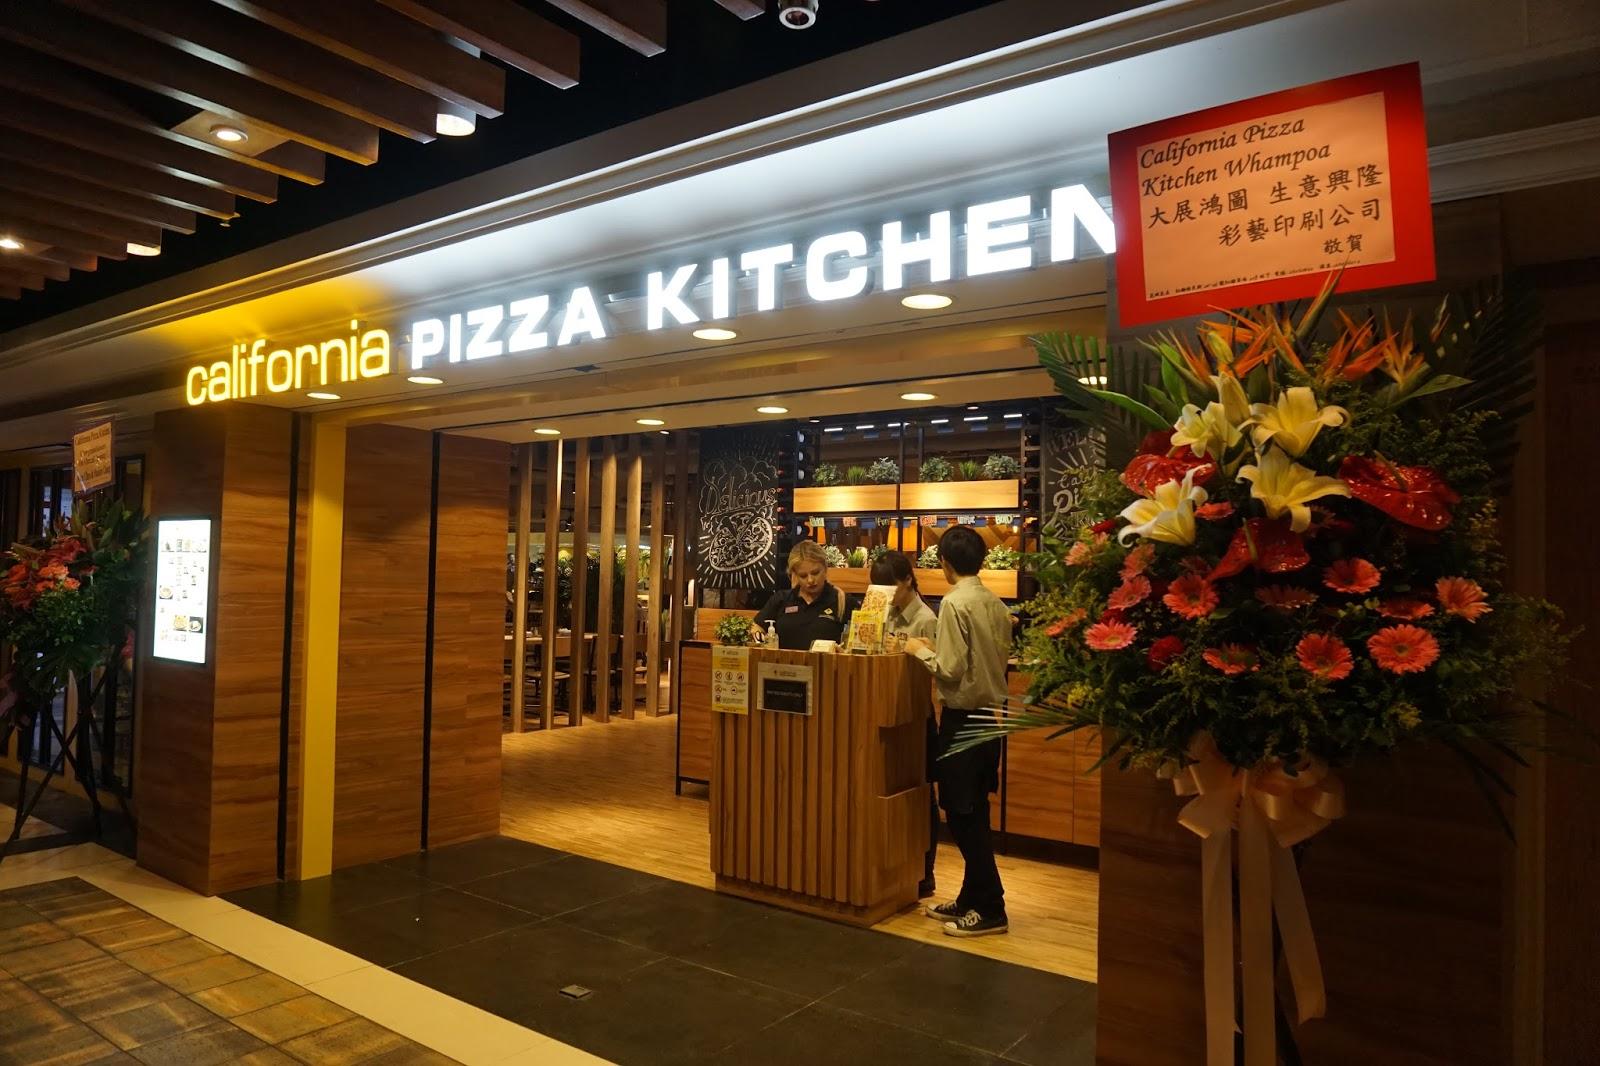 全亞洲最大california PIZZA KITCHEN黃埔美食坊概念店 – carmenlovesbeautyblog